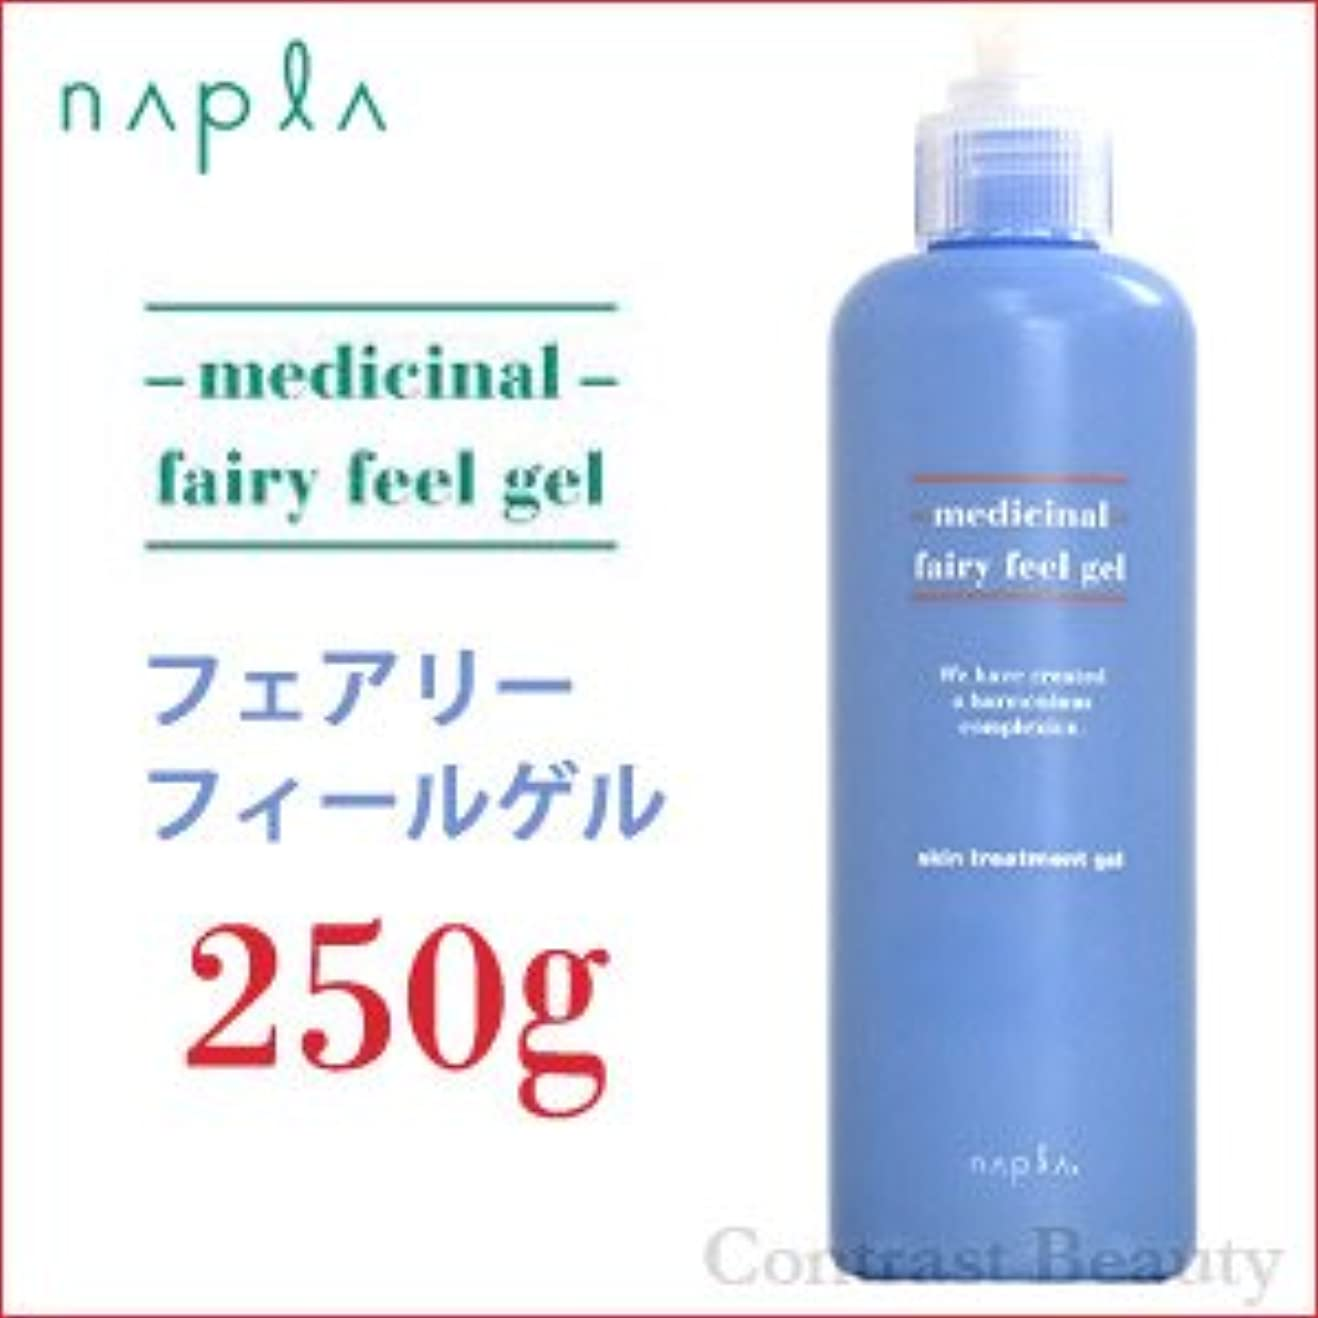 上向き過敏な選挙【X5個セット】 ナプラ 薬用フェアリーフィールゲル 250g